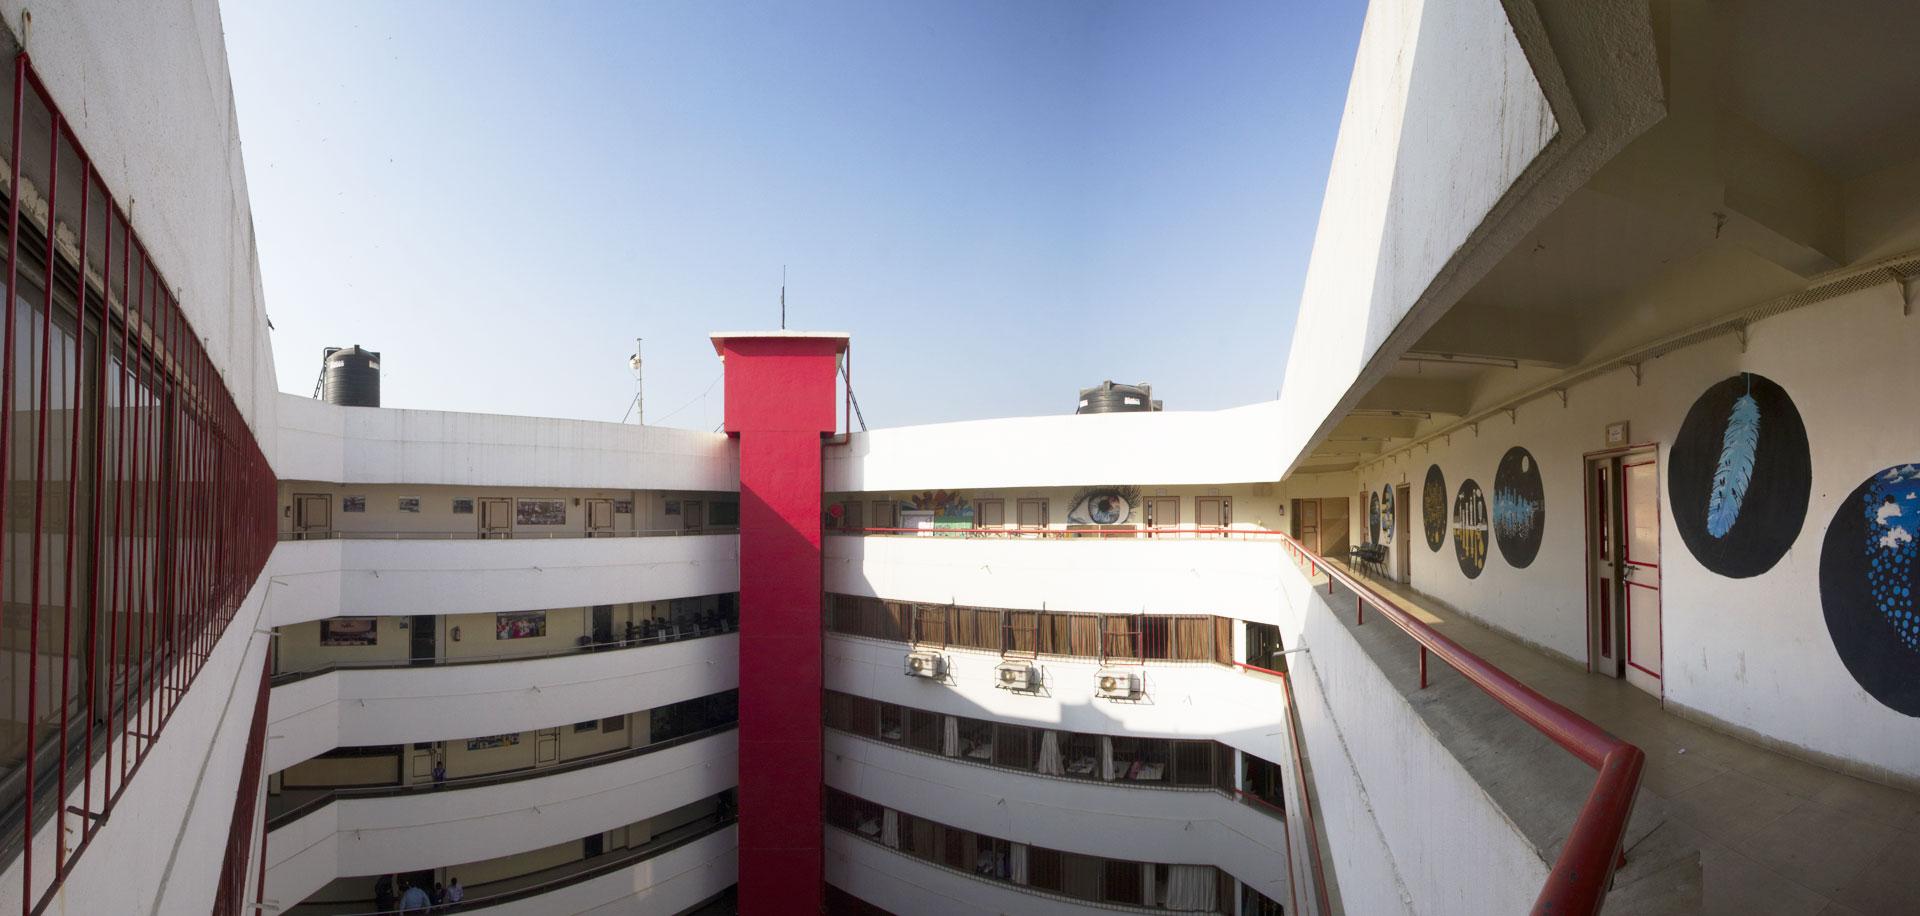 IES College of Architecture, Mumbai